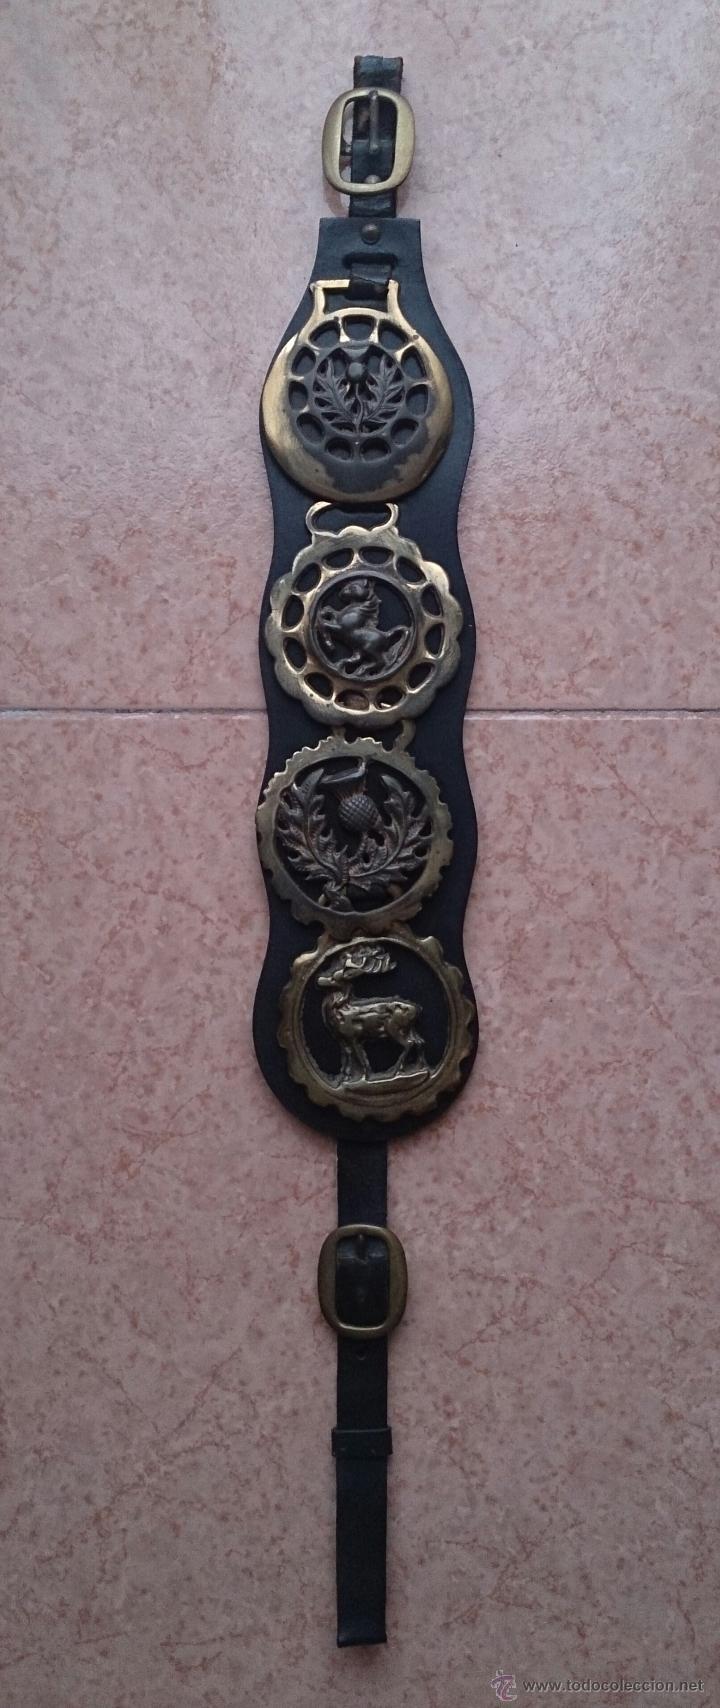 Antigüedades: Juego antiguo de cuatro camas de freno jaez en bronce cincelado diferentes motivos . - Foto 2 - 50174798